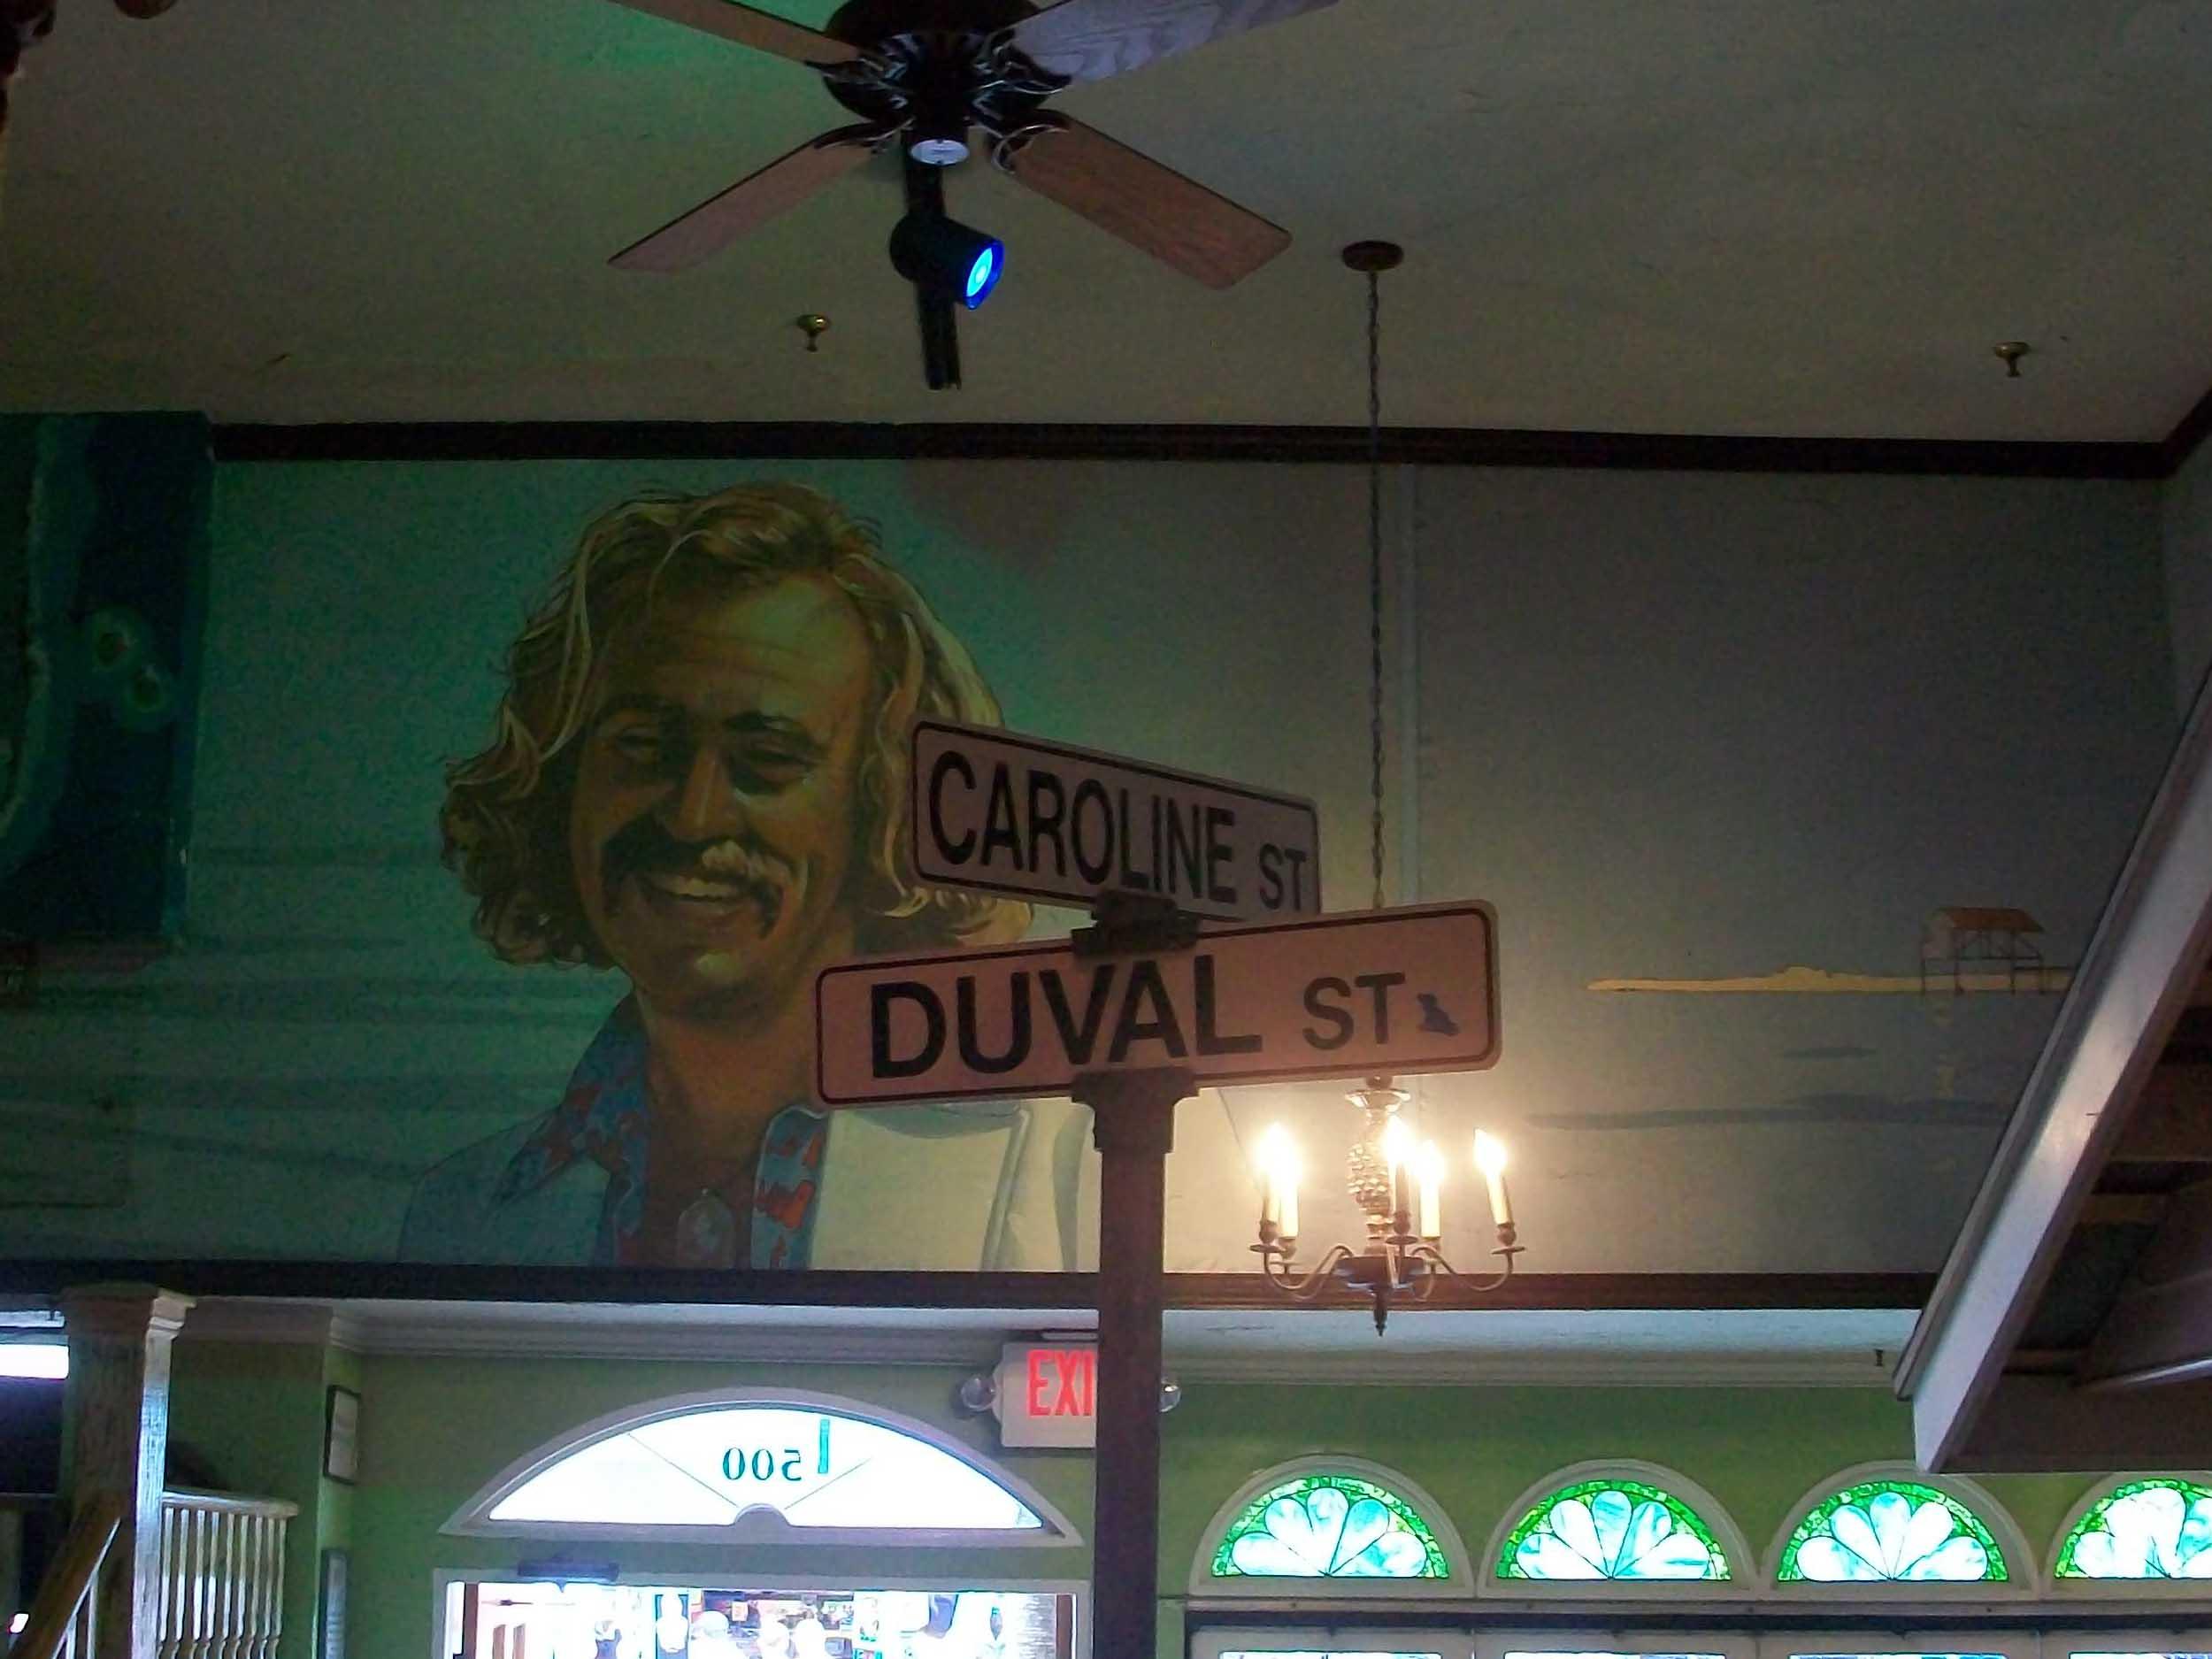 Jimmy Buffett's Margaritaville Street Sign